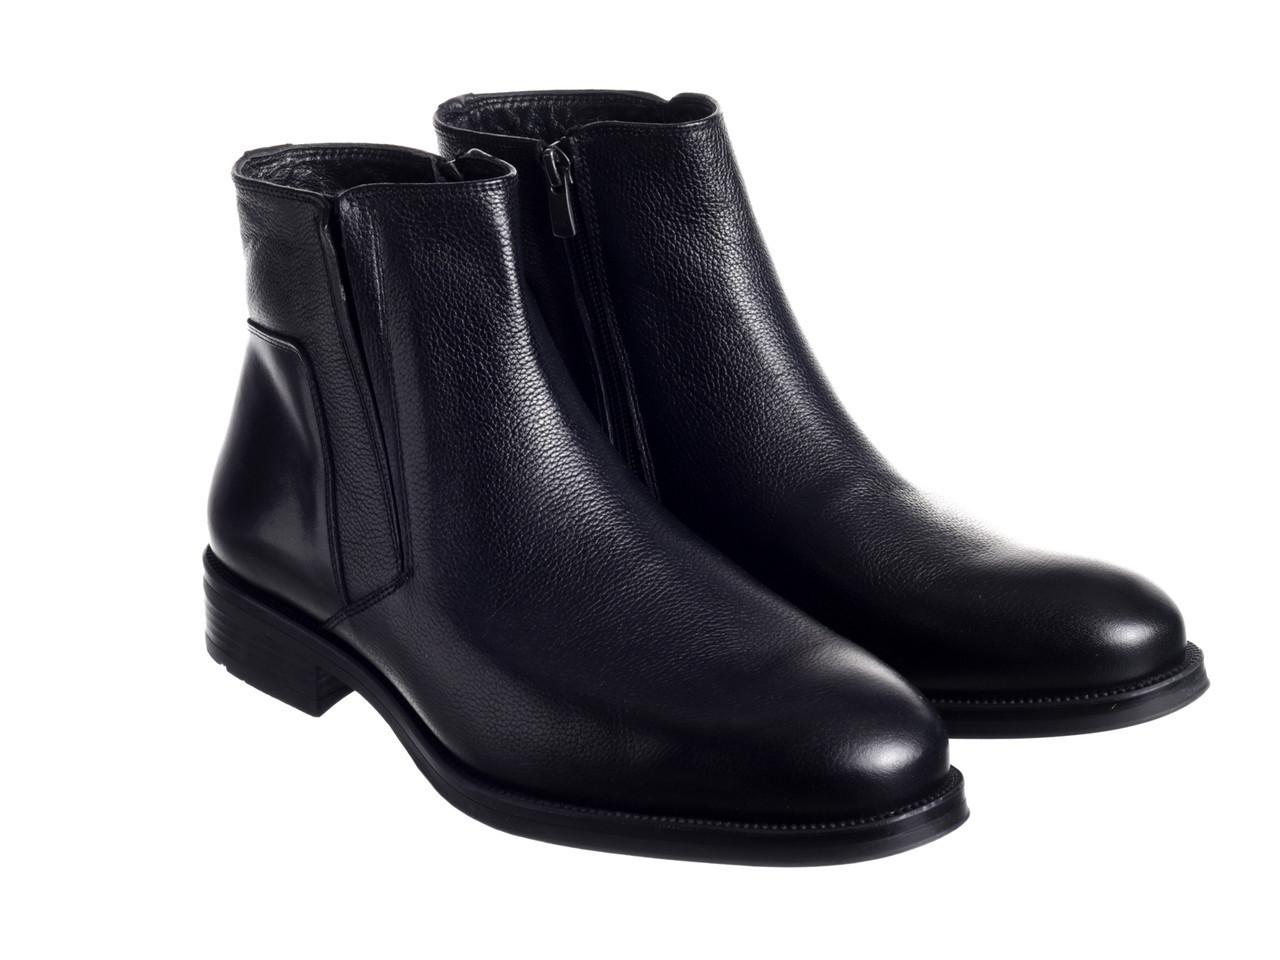 Ботинки Etor 14622-10083 45 черные